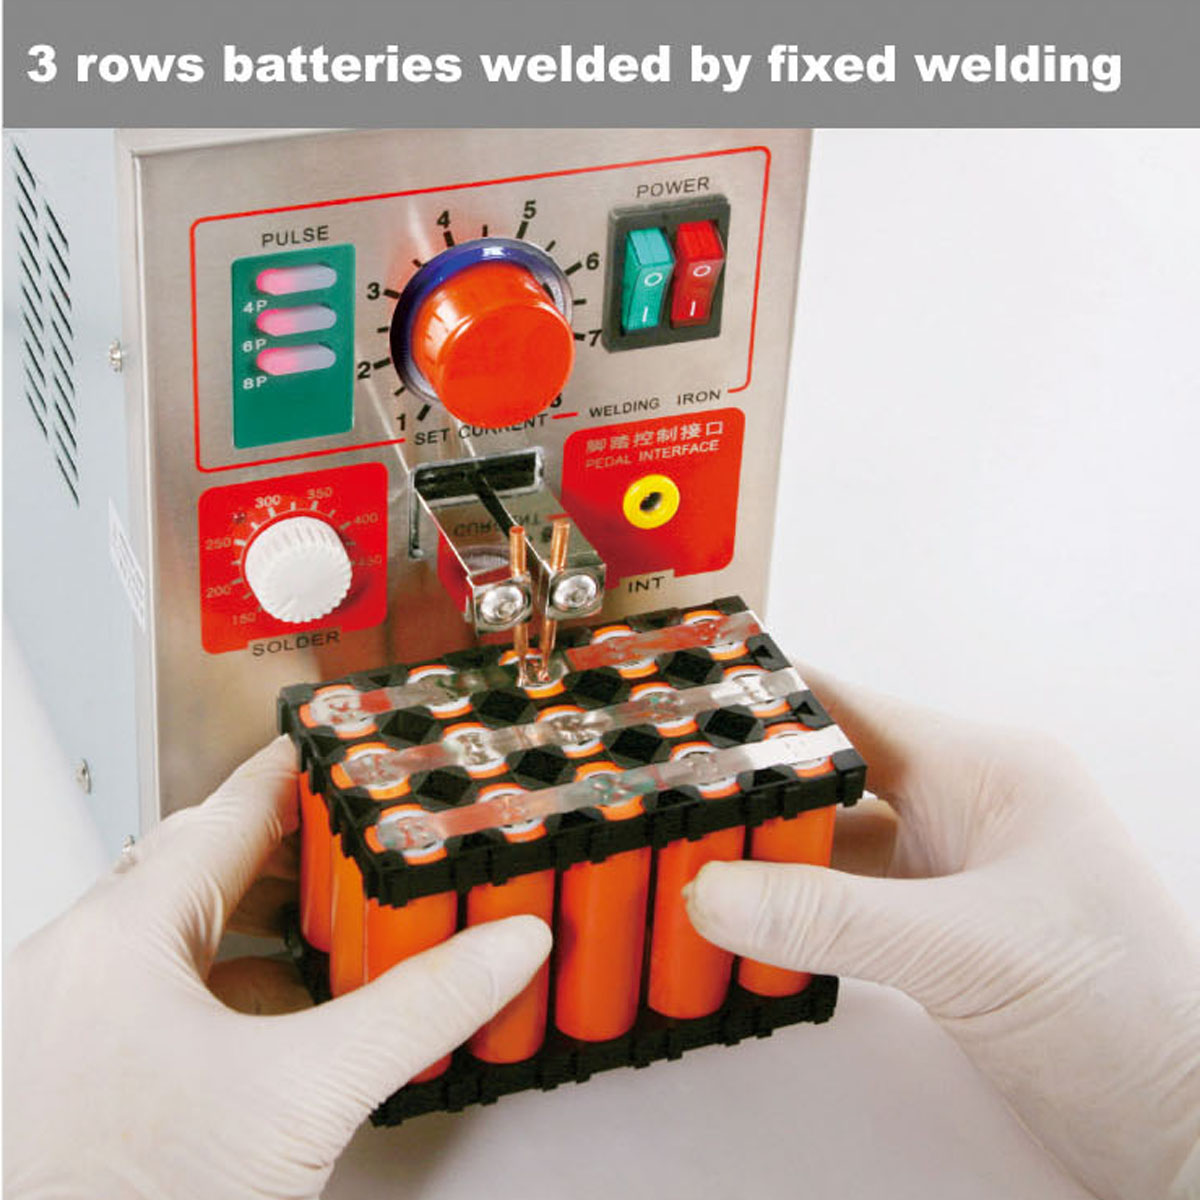 Spot Welder Eu Plug 220V 50Hz 709A 1.9KW Spot Welders 2/4/6/8 Spot Welding Machine For 18650 Battery Pack Circuit Board Solder